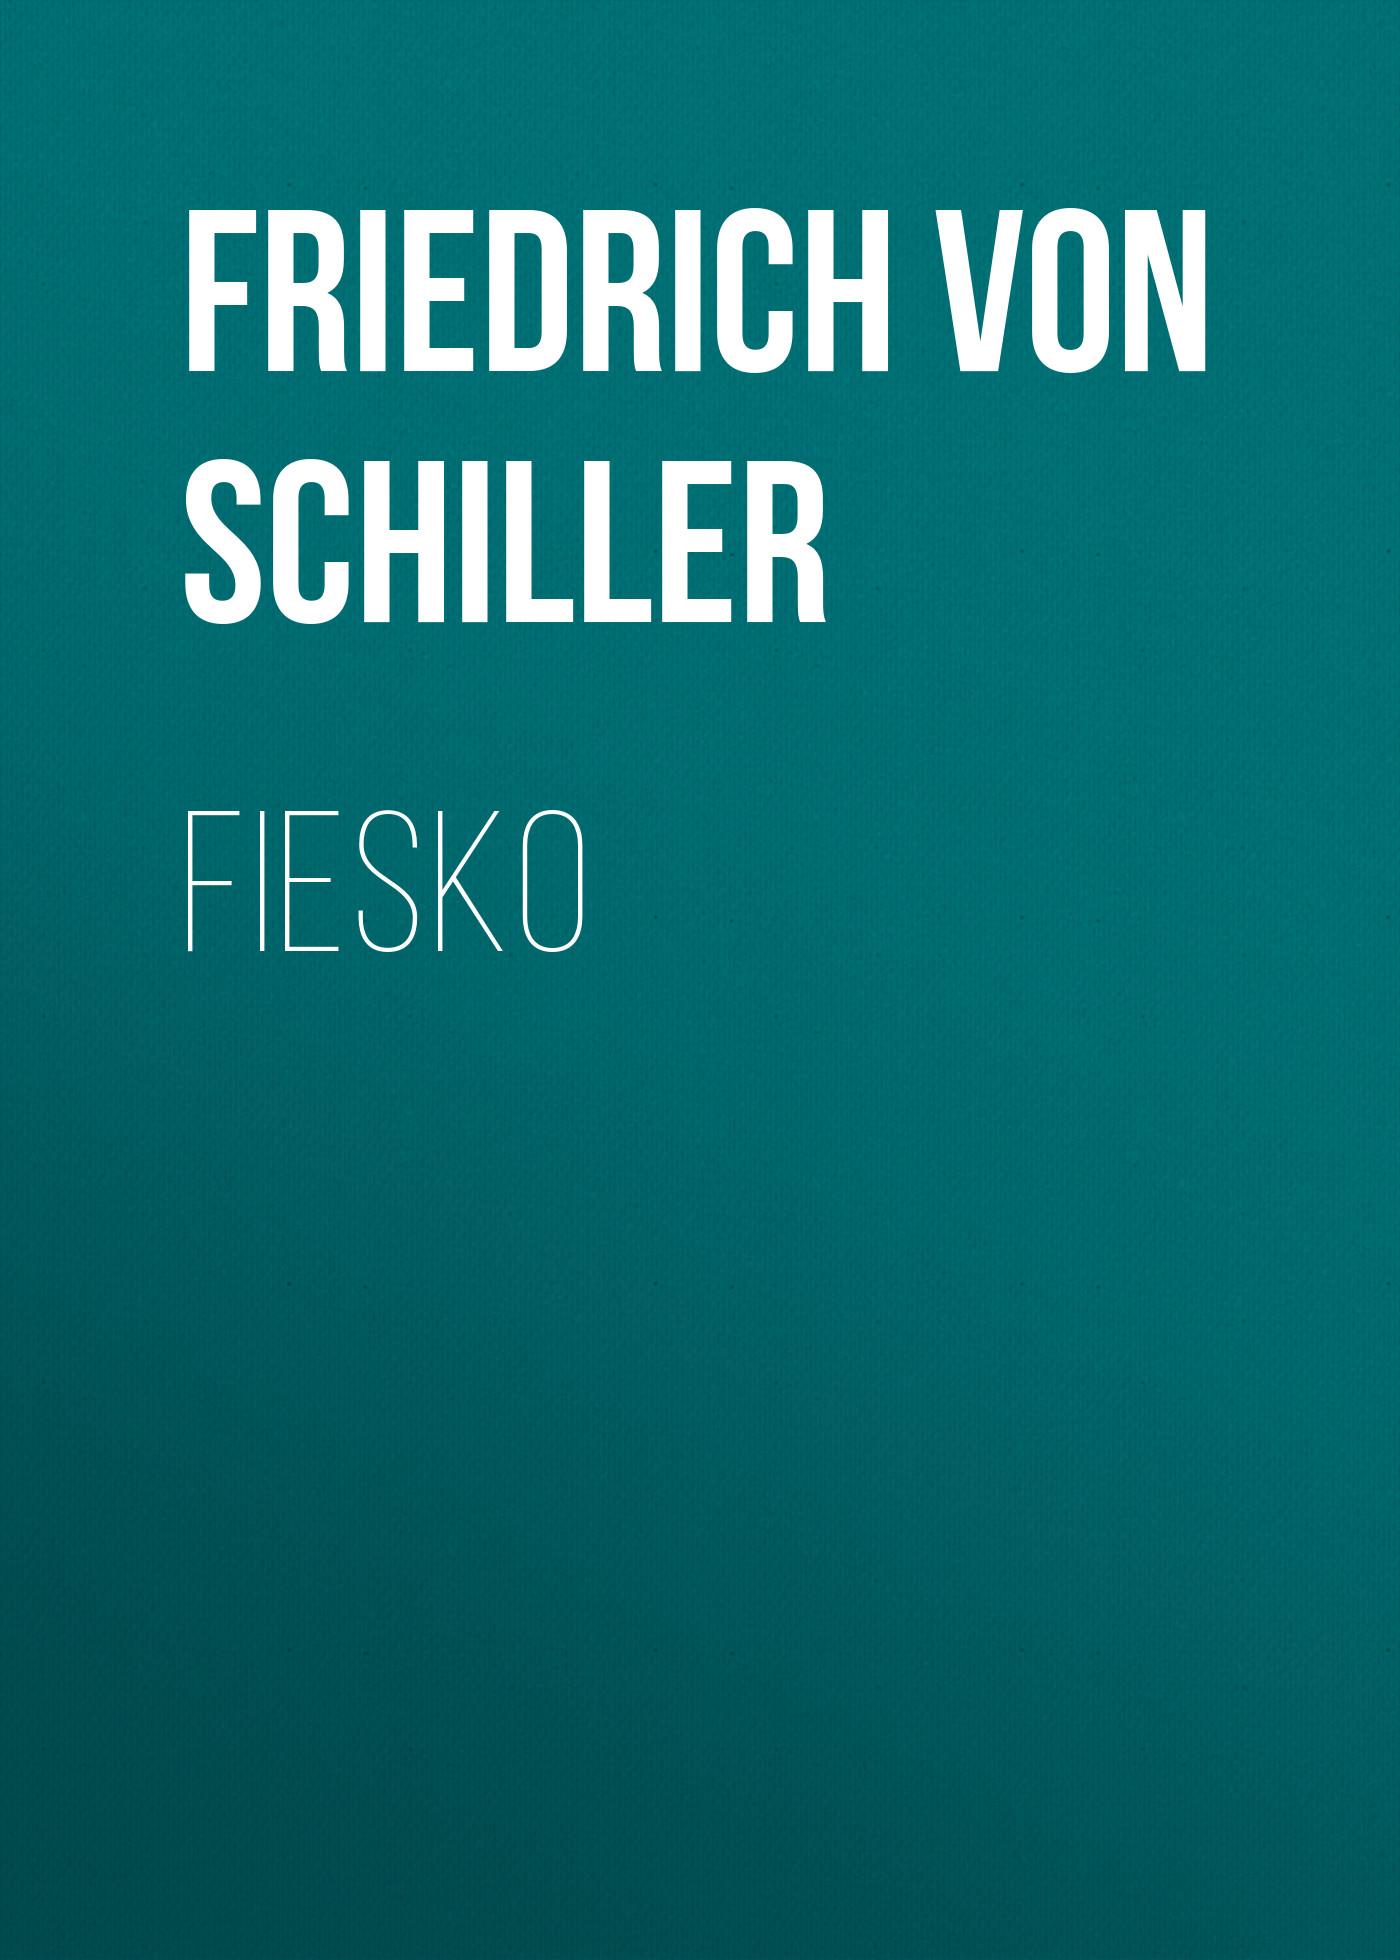 Friedrich von Schiller Fiesko матрас lonax medium light tfk 140x195